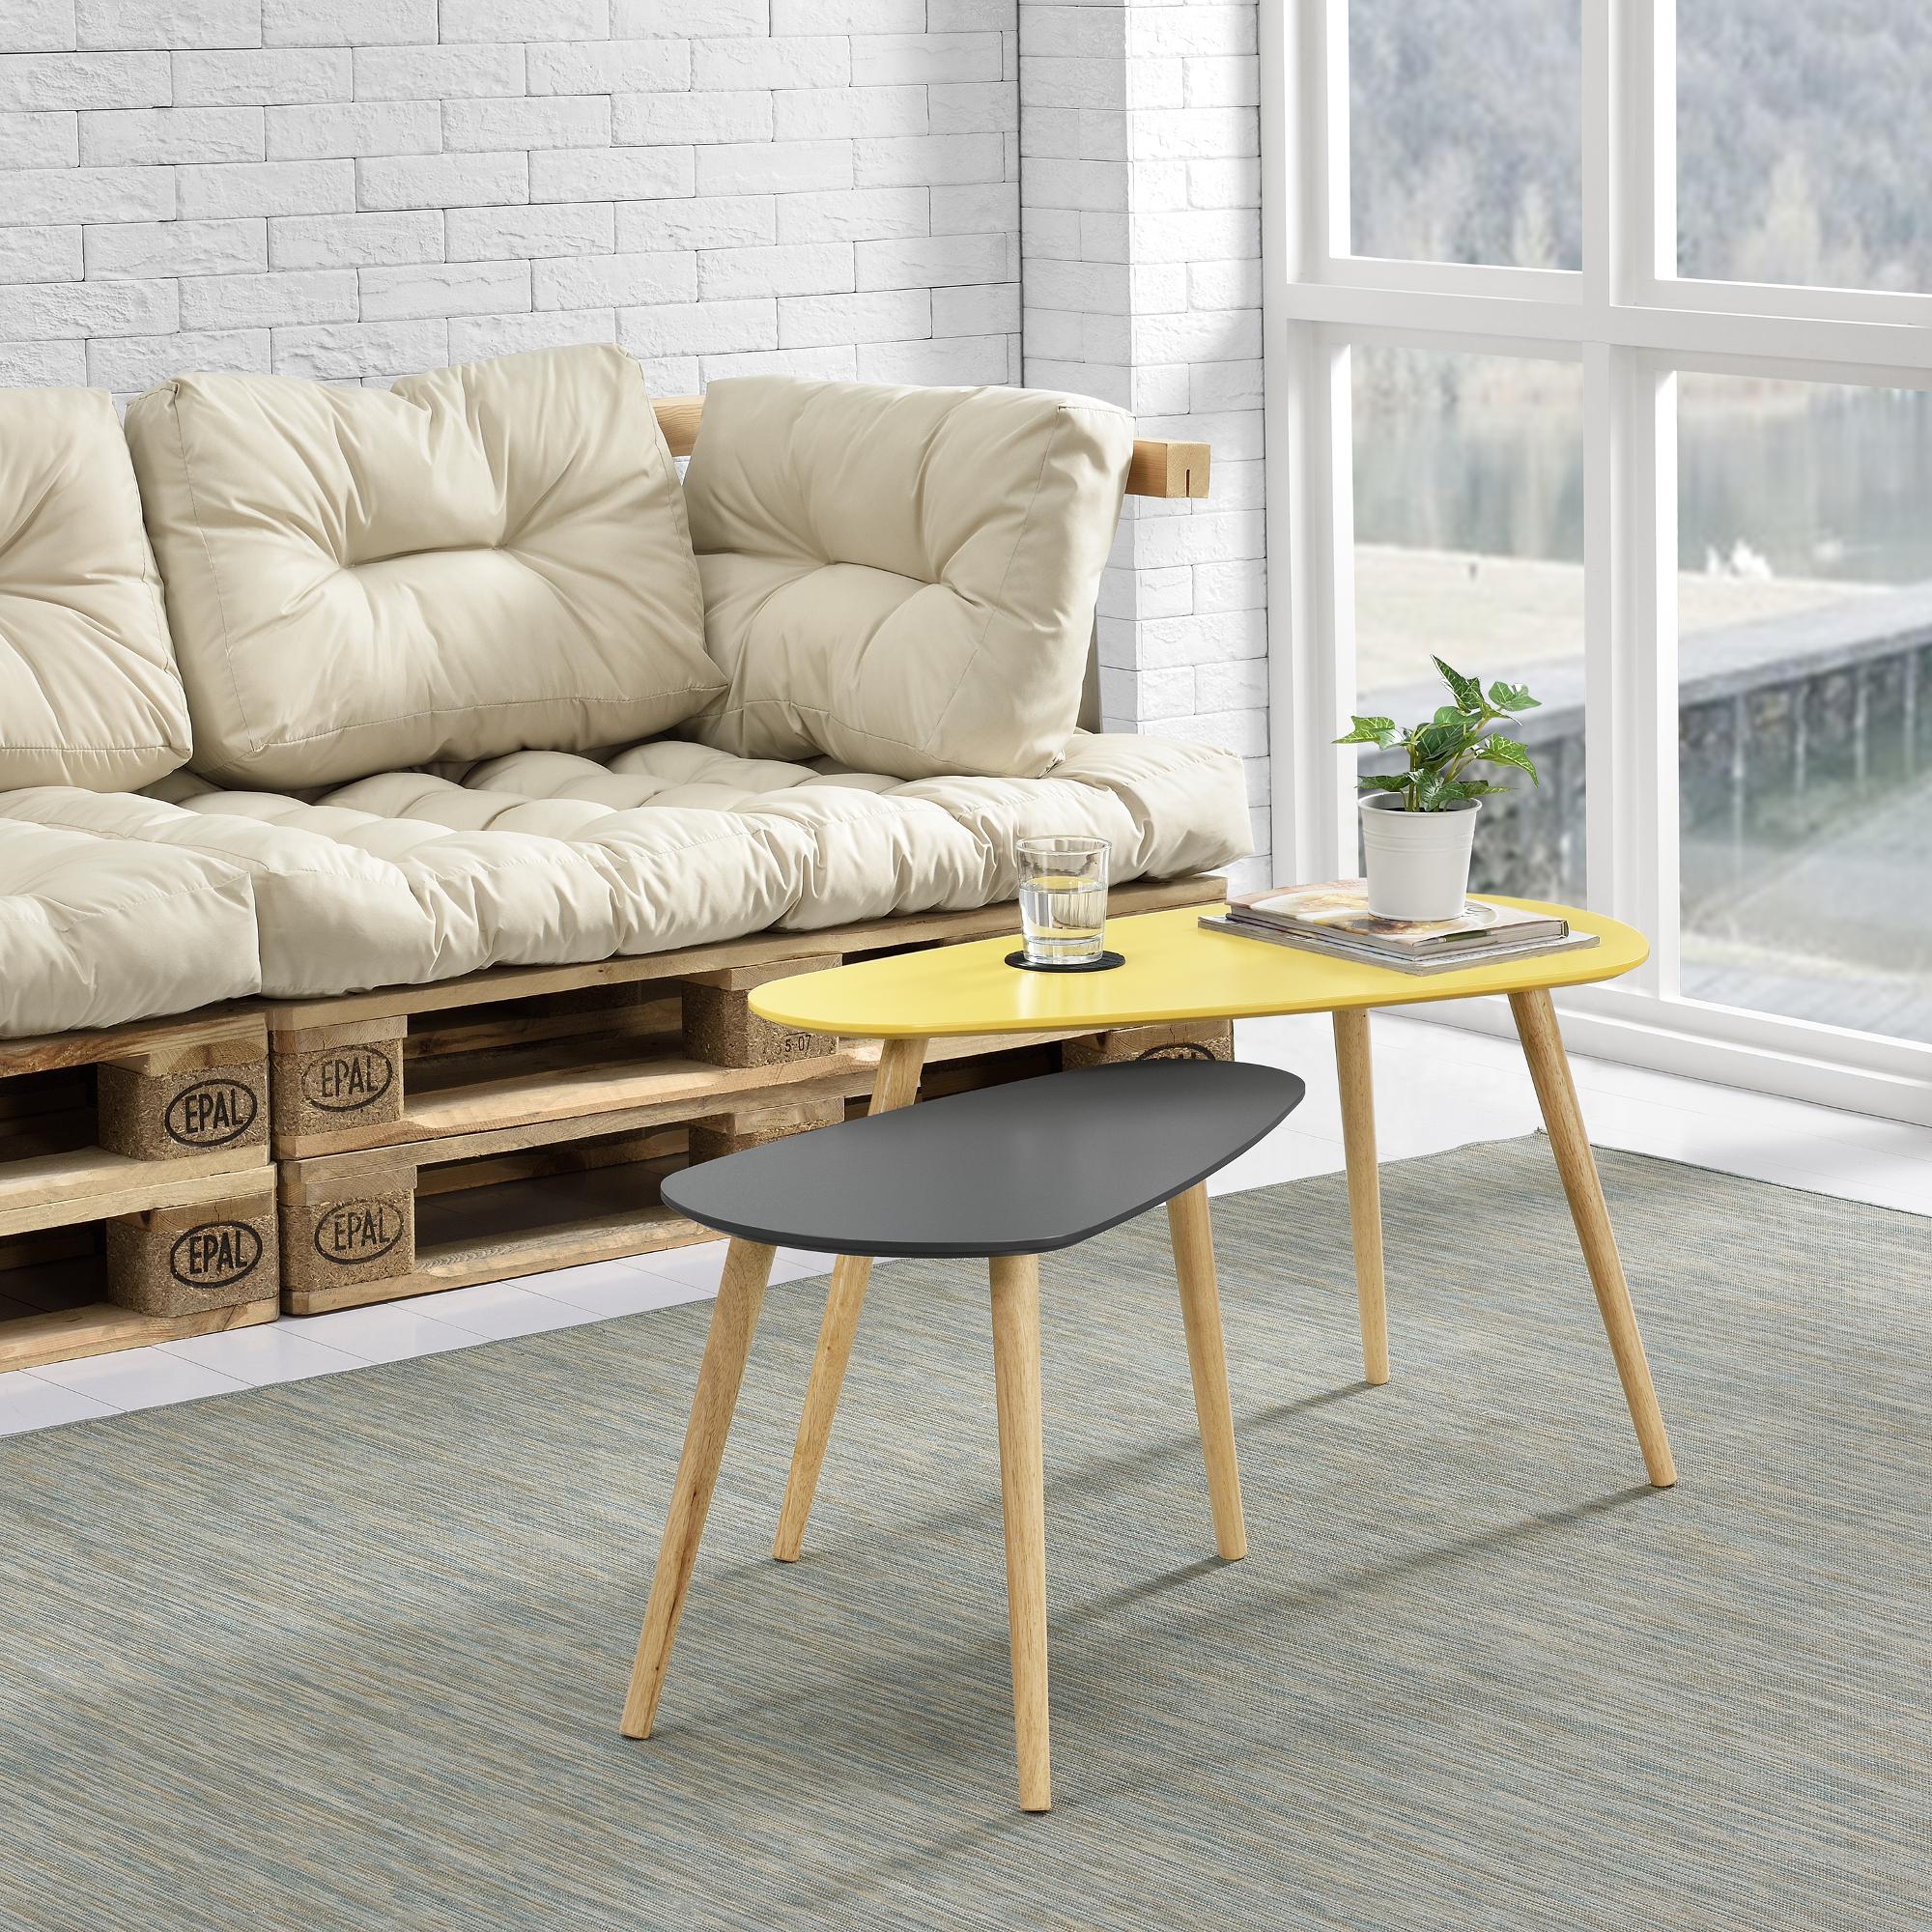 couchtisch 2er set beistelltisch beistell tisch modern wohnzimmer ebay. Black Bedroom Furniture Sets. Home Design Ideas